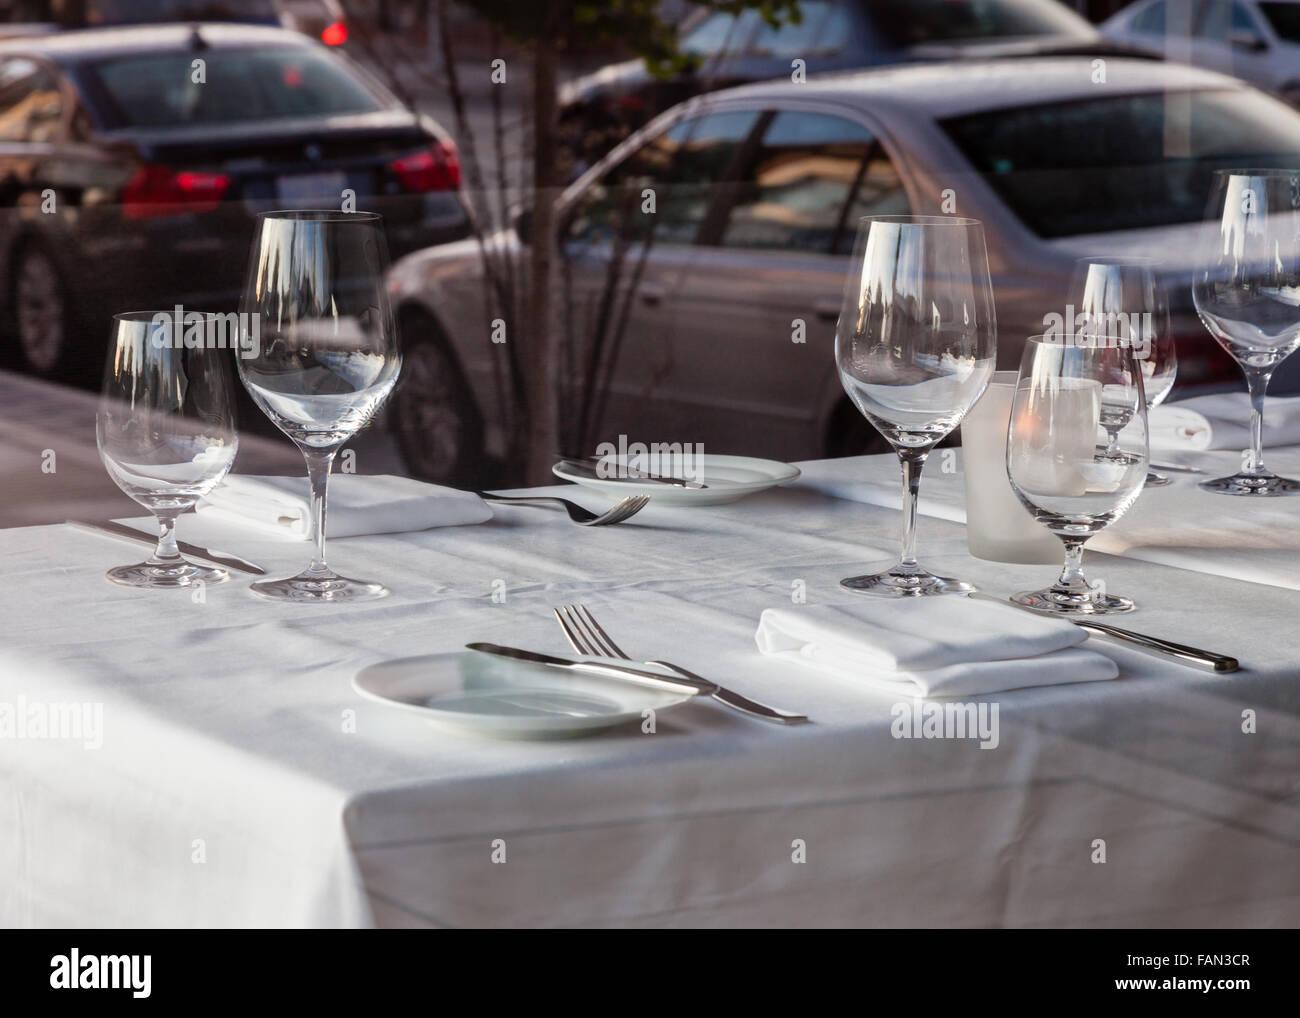 Belle Table à manger dans un restaurant avec des serviettes de table nappe blanche et verres à vin. Photo Stock